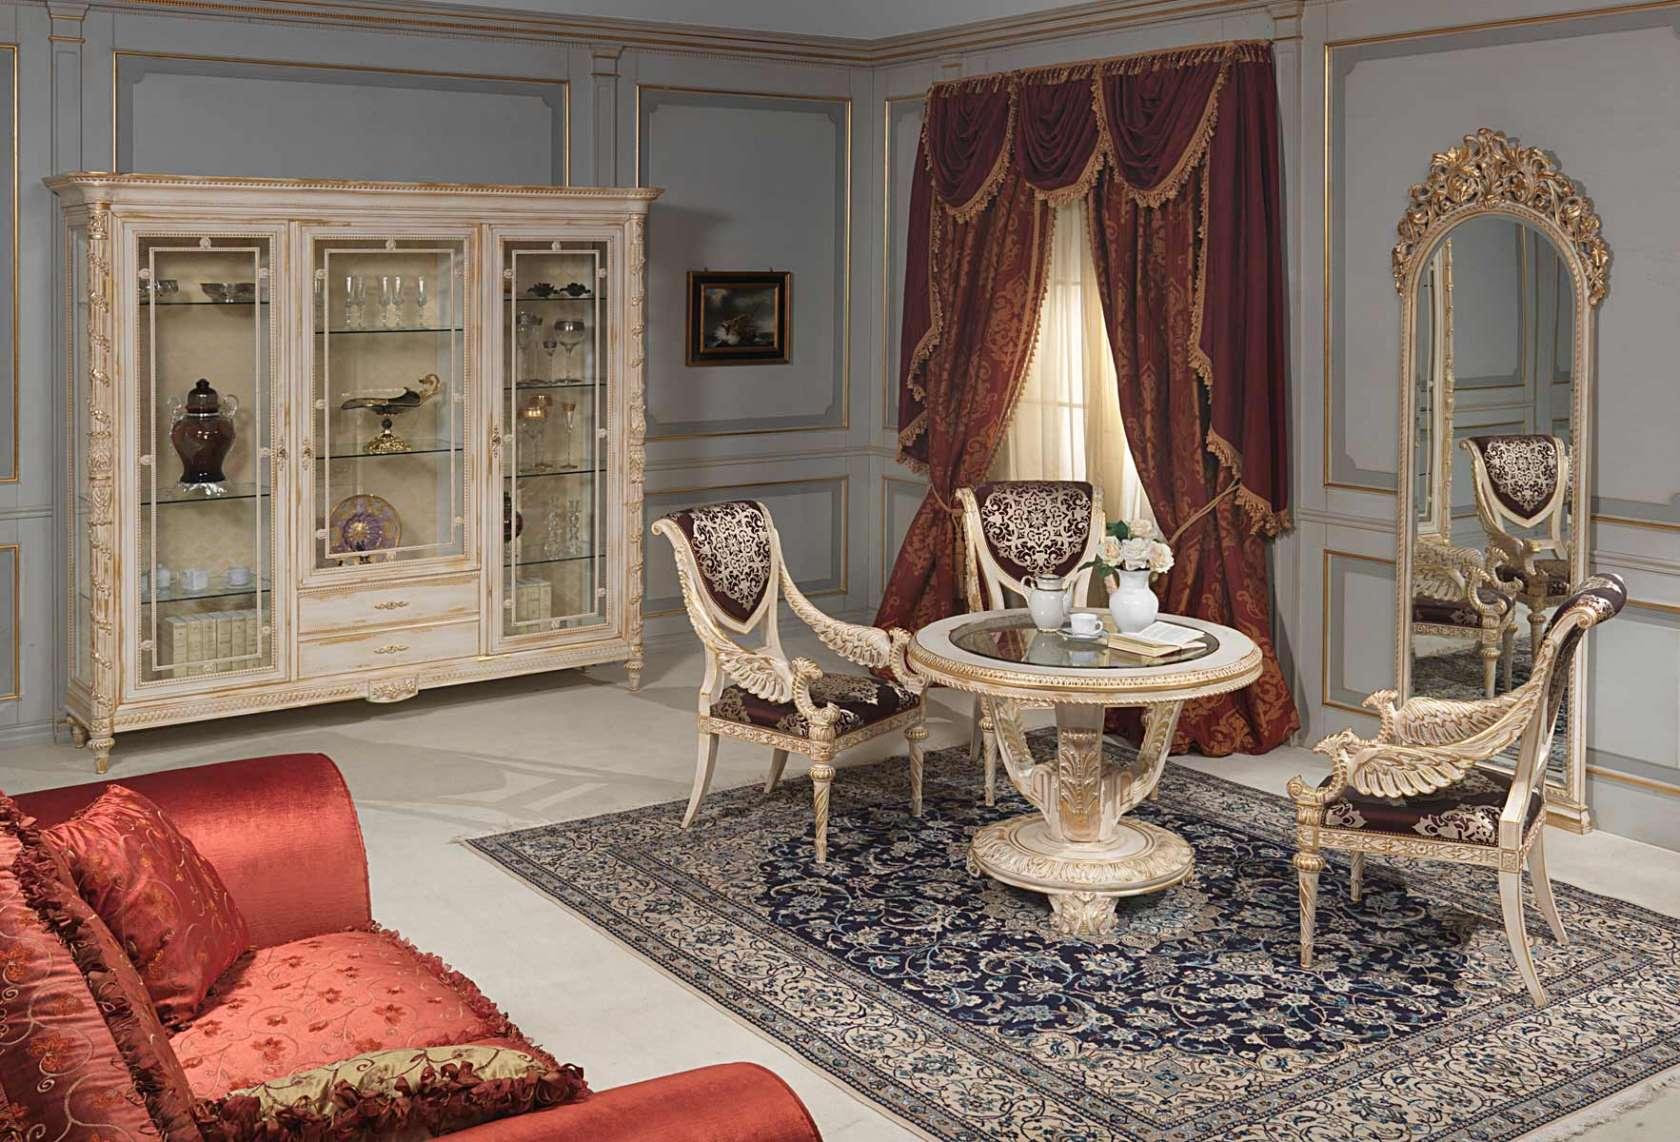 فرش در پذیرایی میز ناهار خوری چوبی کلاسیک سلطنتی